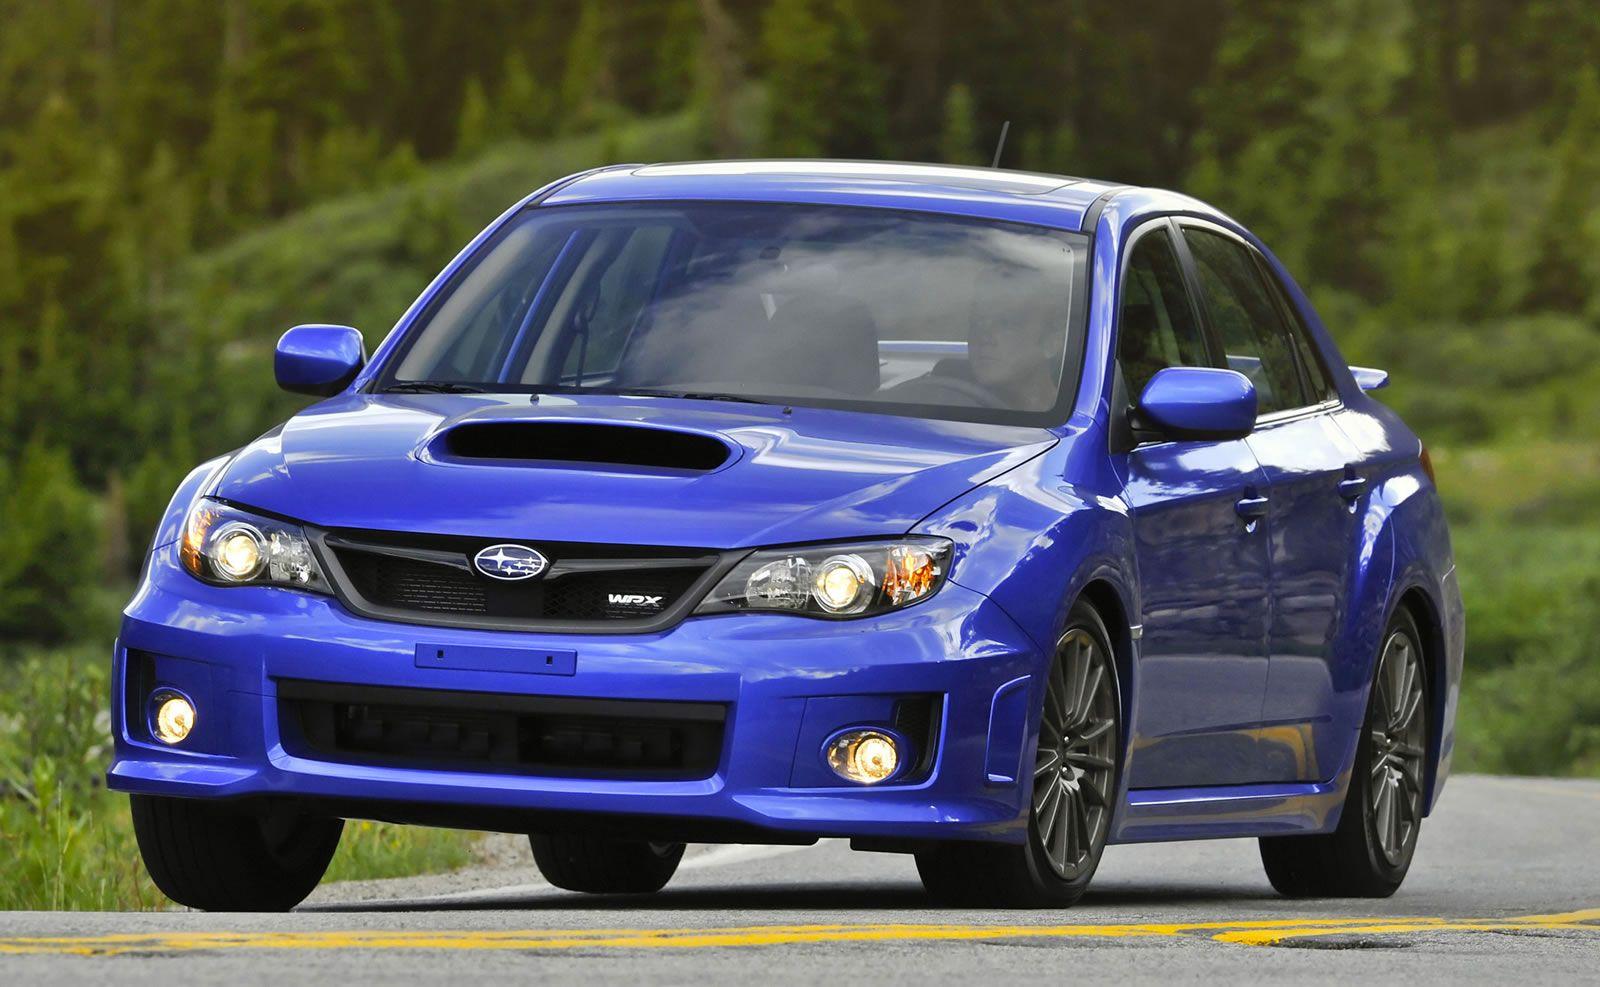 Subaru impreza wrx sti sedan 2013